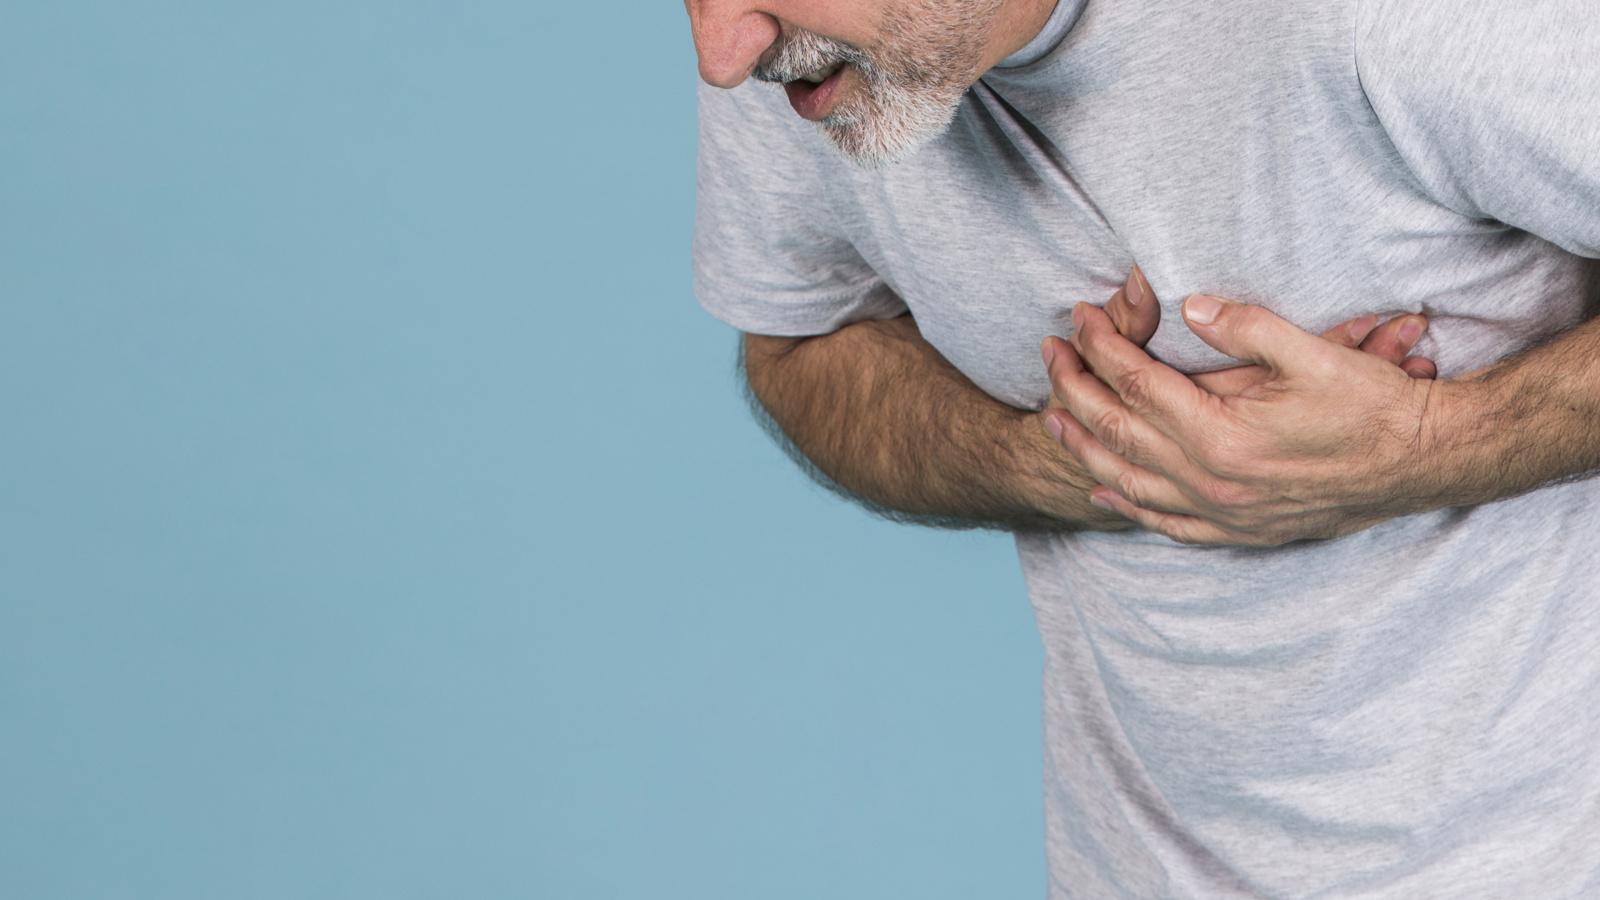 naujos širdies sveikatos gairės vyrams